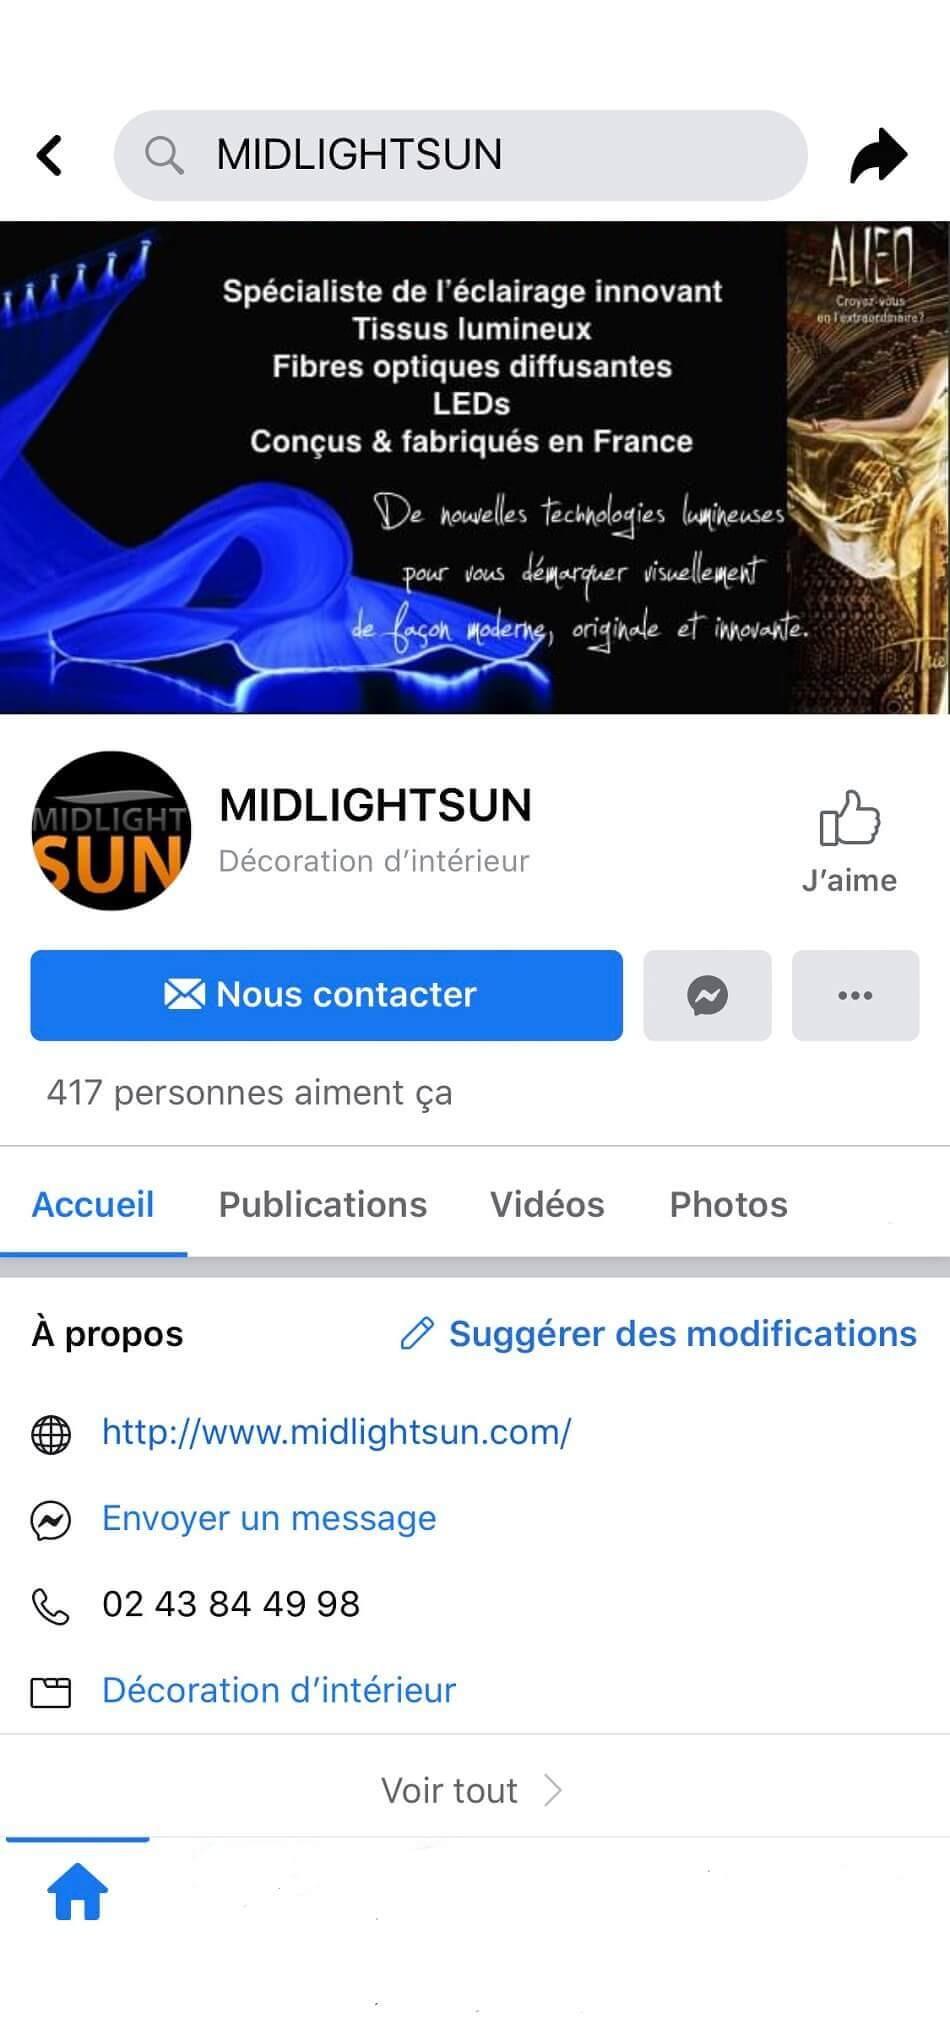 MIDLIGHTSUN Facebook | MIDLIGHTSUN - Spécialiste en fibre optique lumineuse et tissus lumineux - fabrication française